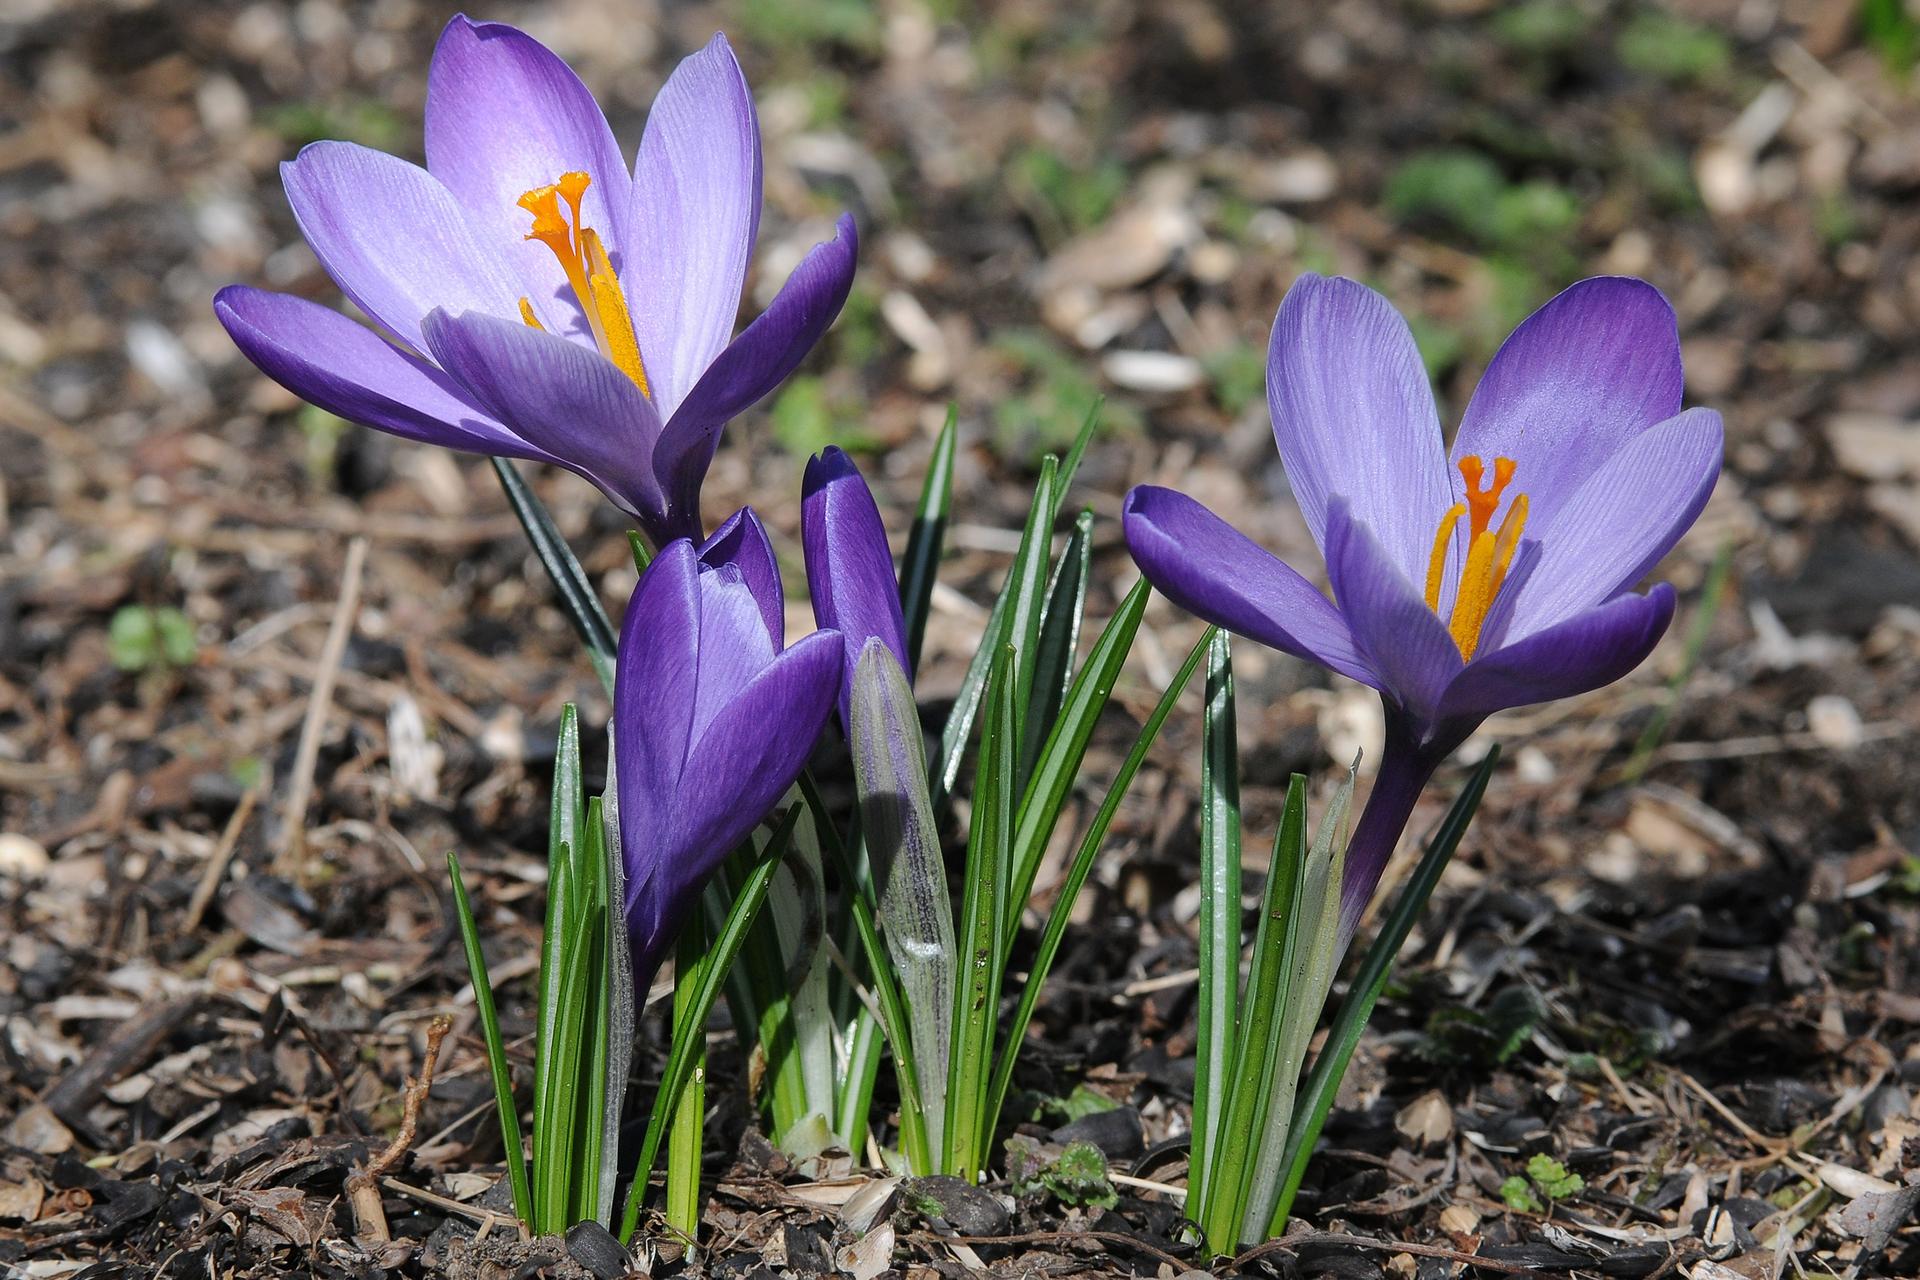 Fotografia przedstawia zbliżenie kwitnących krokusów. Wyrastają zciemnego podłoża. Mają duże, fioletowe kwiaty zpomarańczowymi pręcikami. Obok nich kilka wąskich listków, zielonych zbiałymi paskami wzdłuż. Krokus jest byliną cebulową.